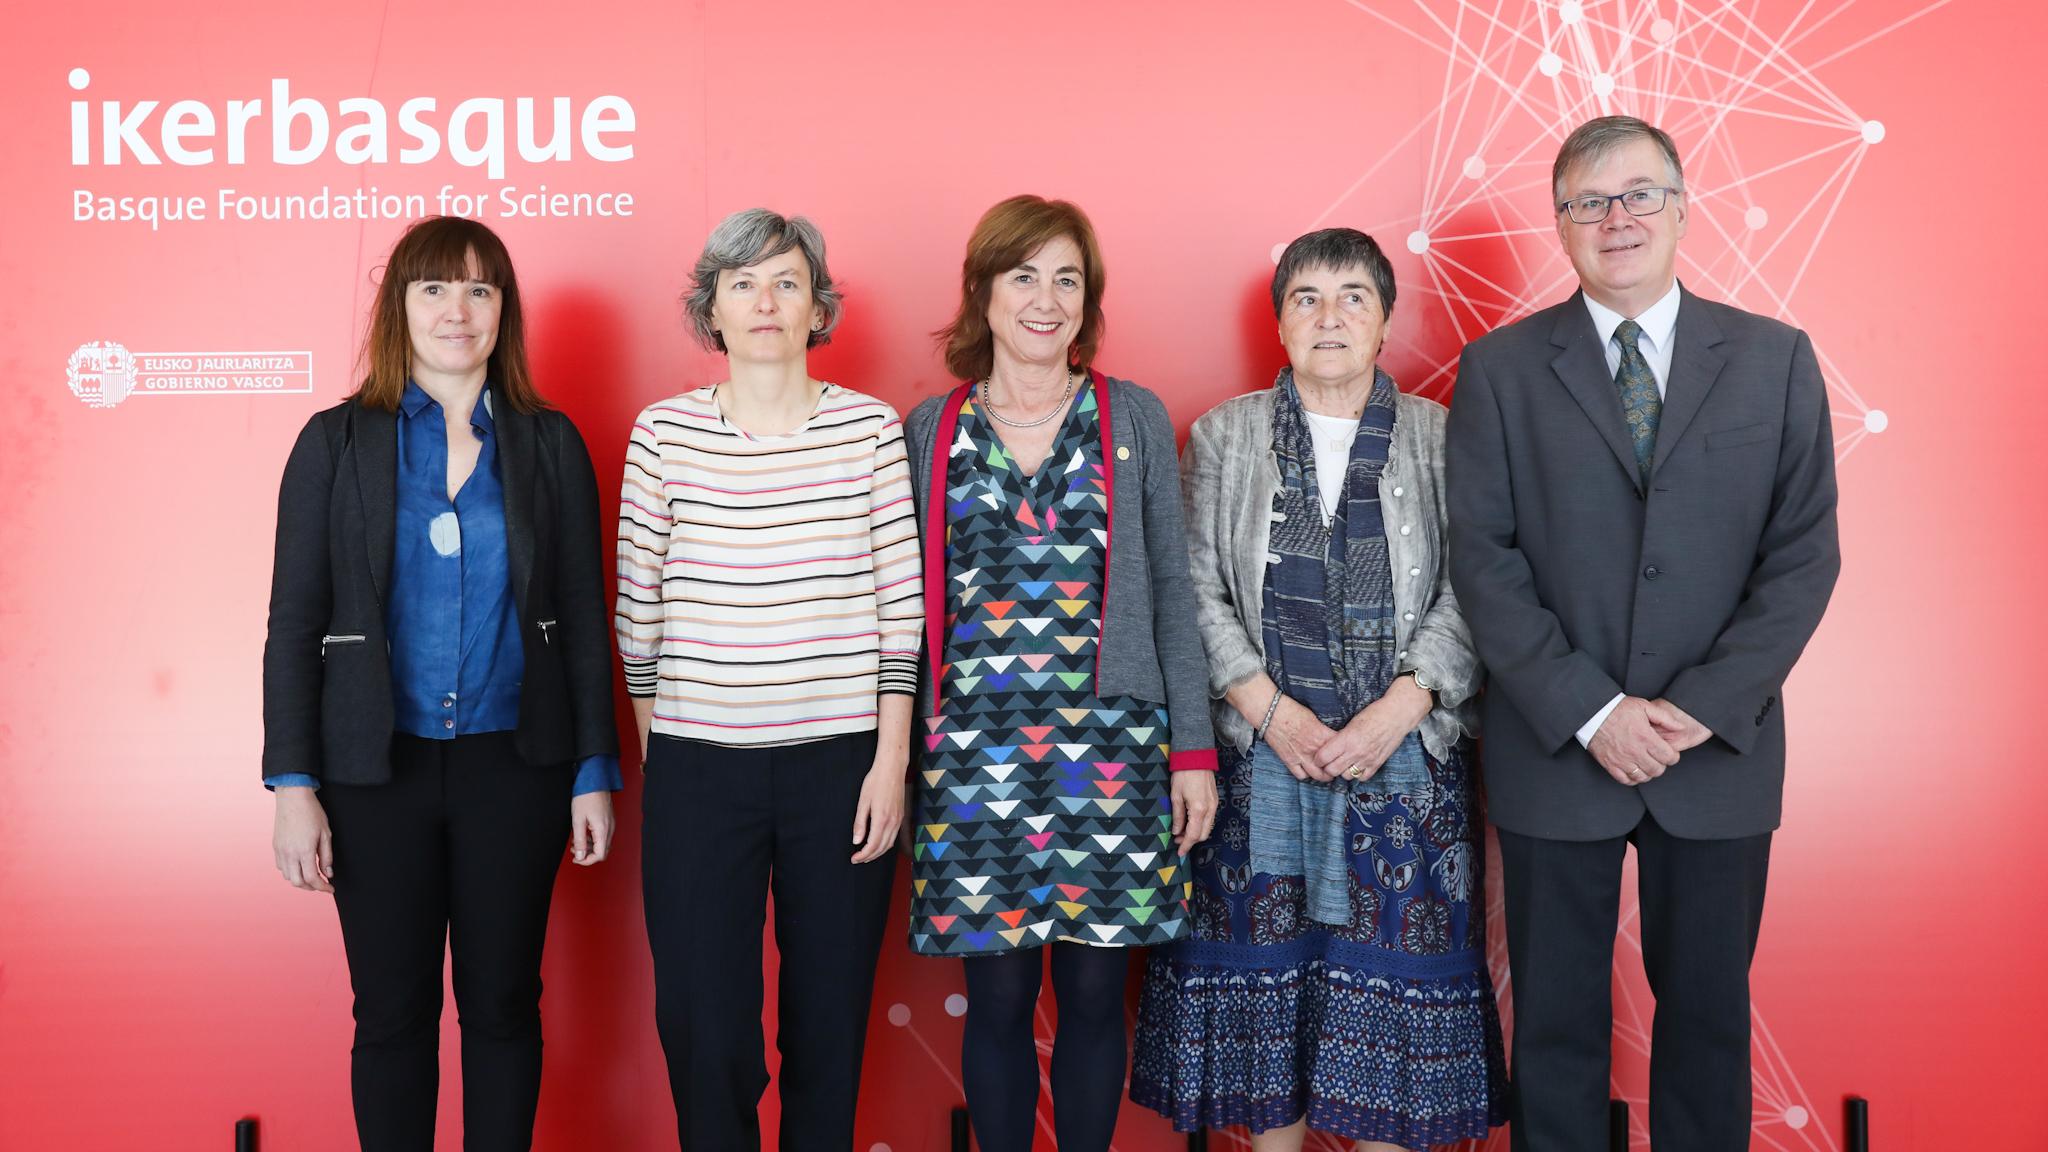 Ikerbasque reconoce y visibiliza la labor de las mujeres investigadoras